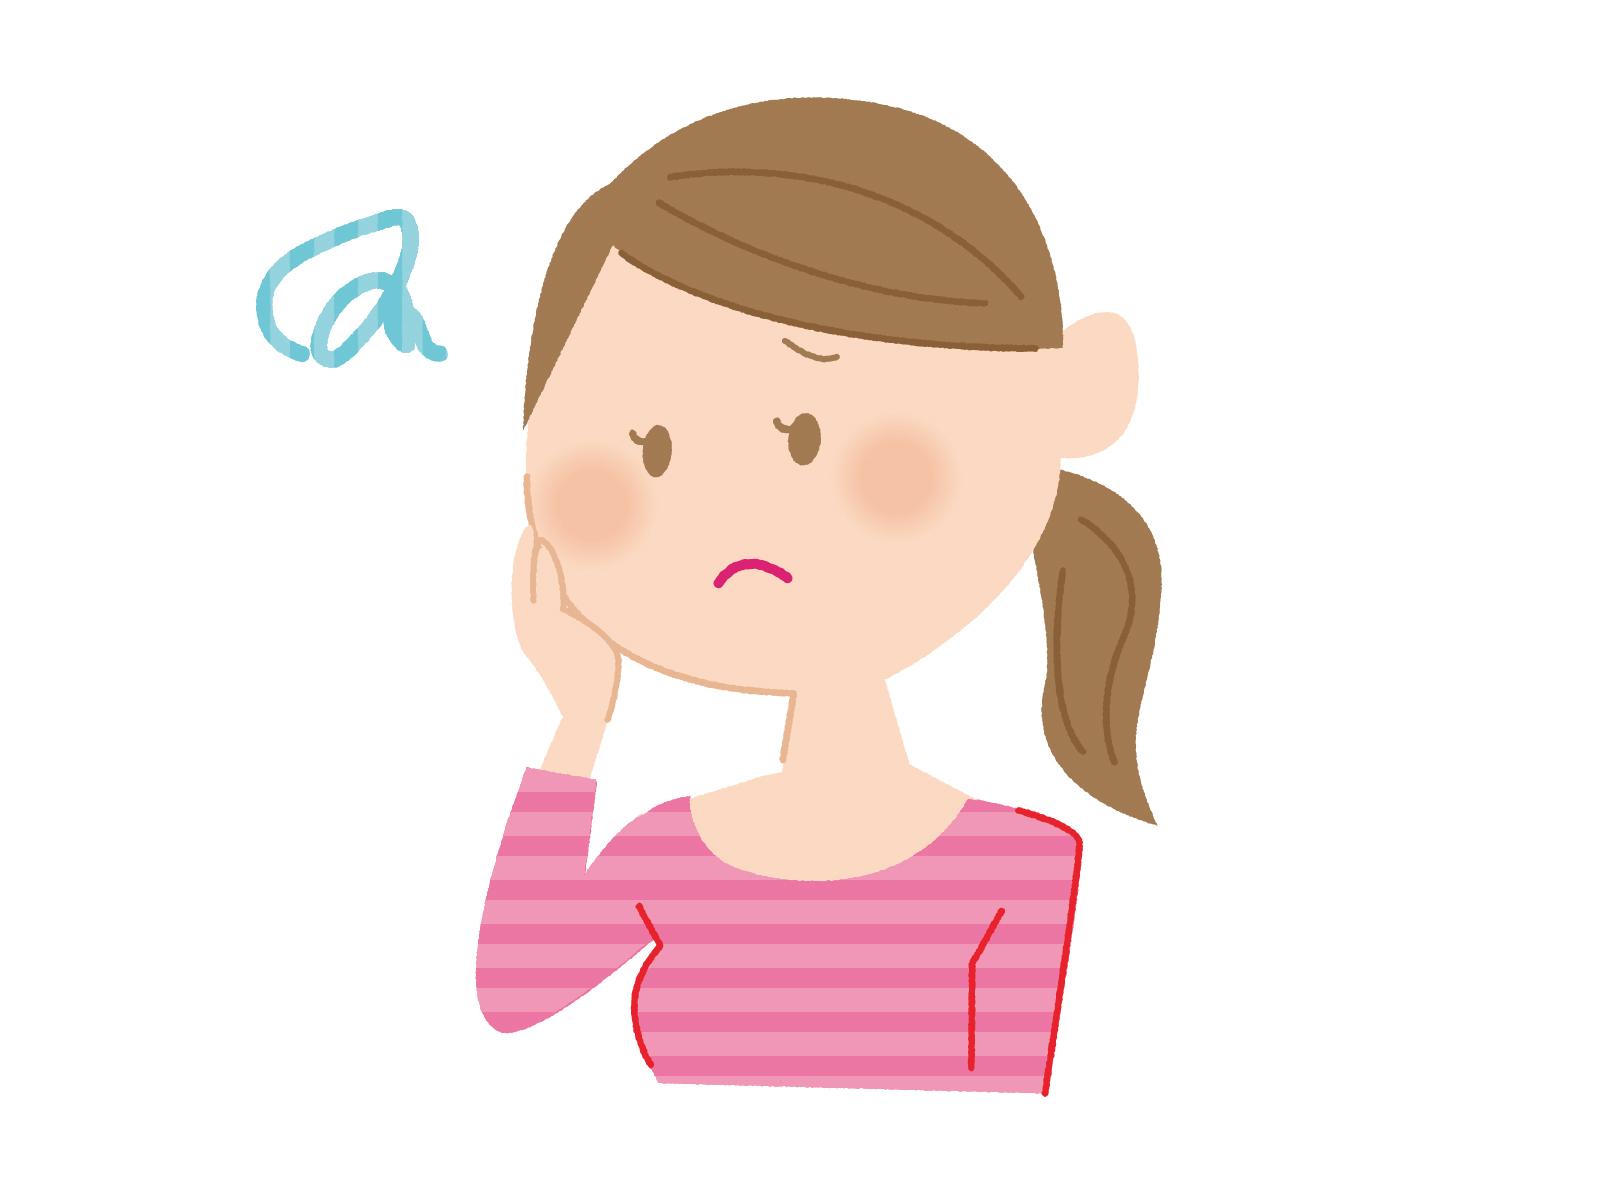 子宮筋腫があるとおならの症状が悪化するというのは本当ですか